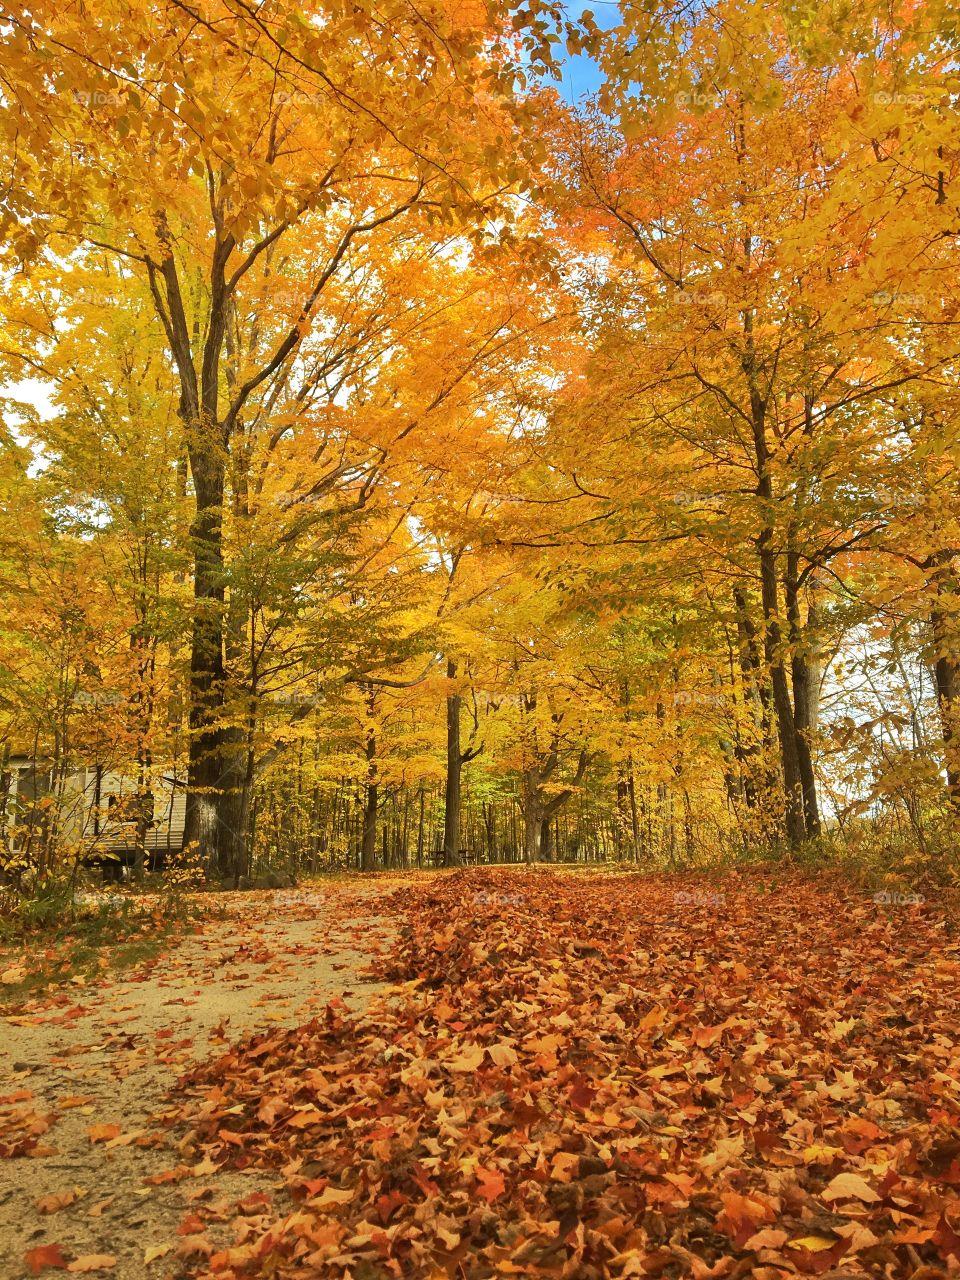 Enjoying the beautiful fall colors